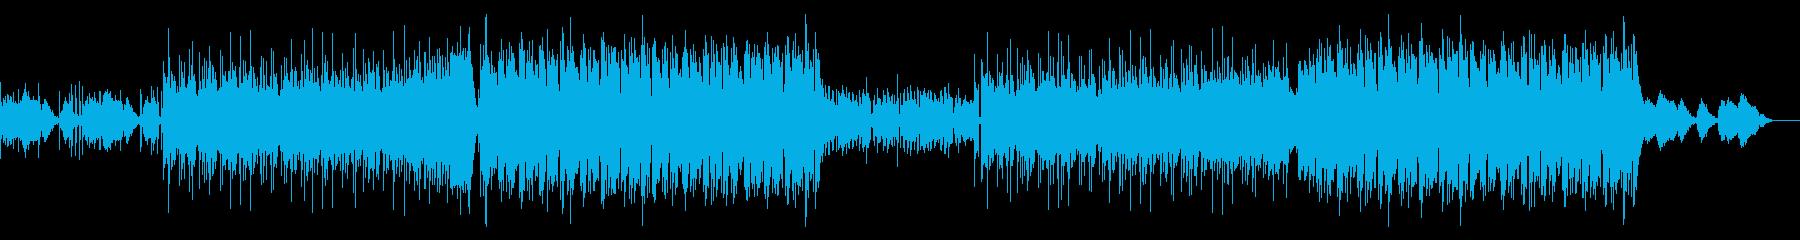 重低音、HIPHOP、オシャレCOOLの再生済みの波形